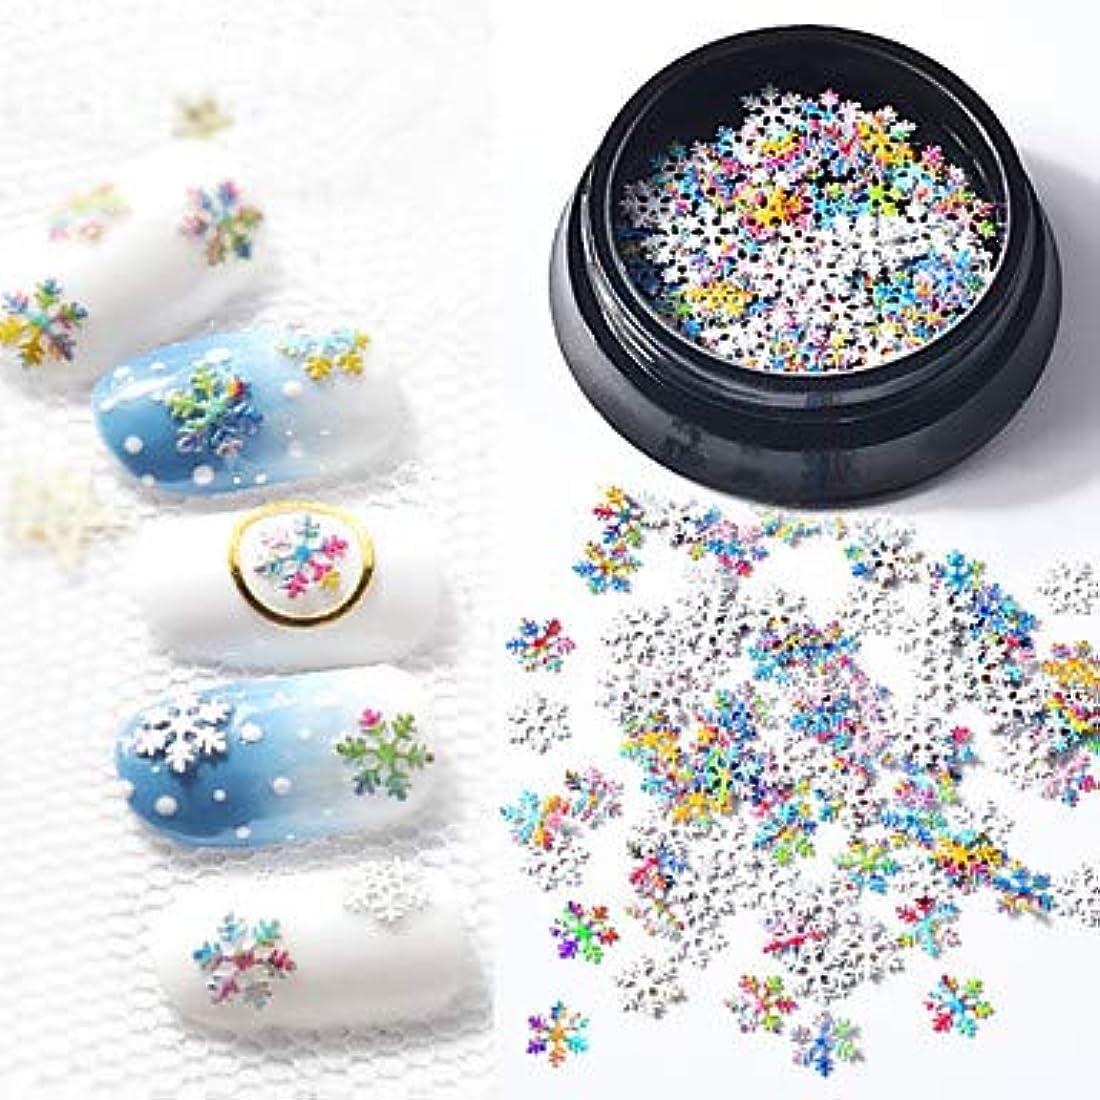 第二タイル表面カラフルな指の爪スノーフレークネイルアートマニキュアペディキュアクリスマスフェスティバルのために1個スリムデザインメタリックネイルジュエリー